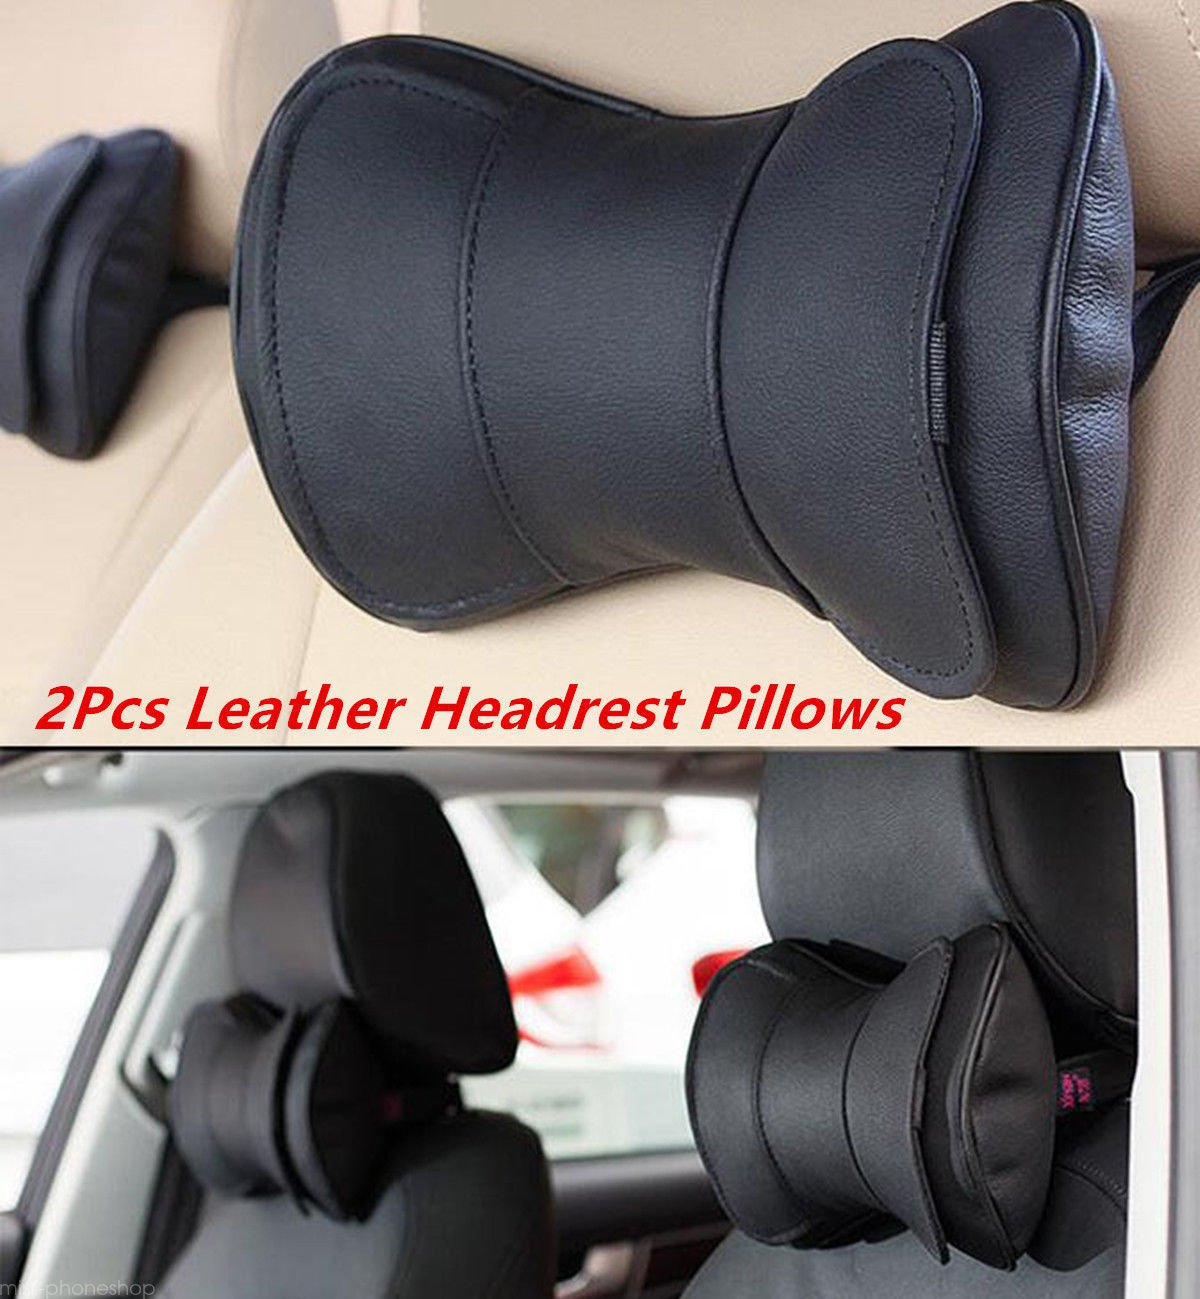 Black Leather Auto Car Neck Rest Cushion Headrest Pillow Mat 2pcs